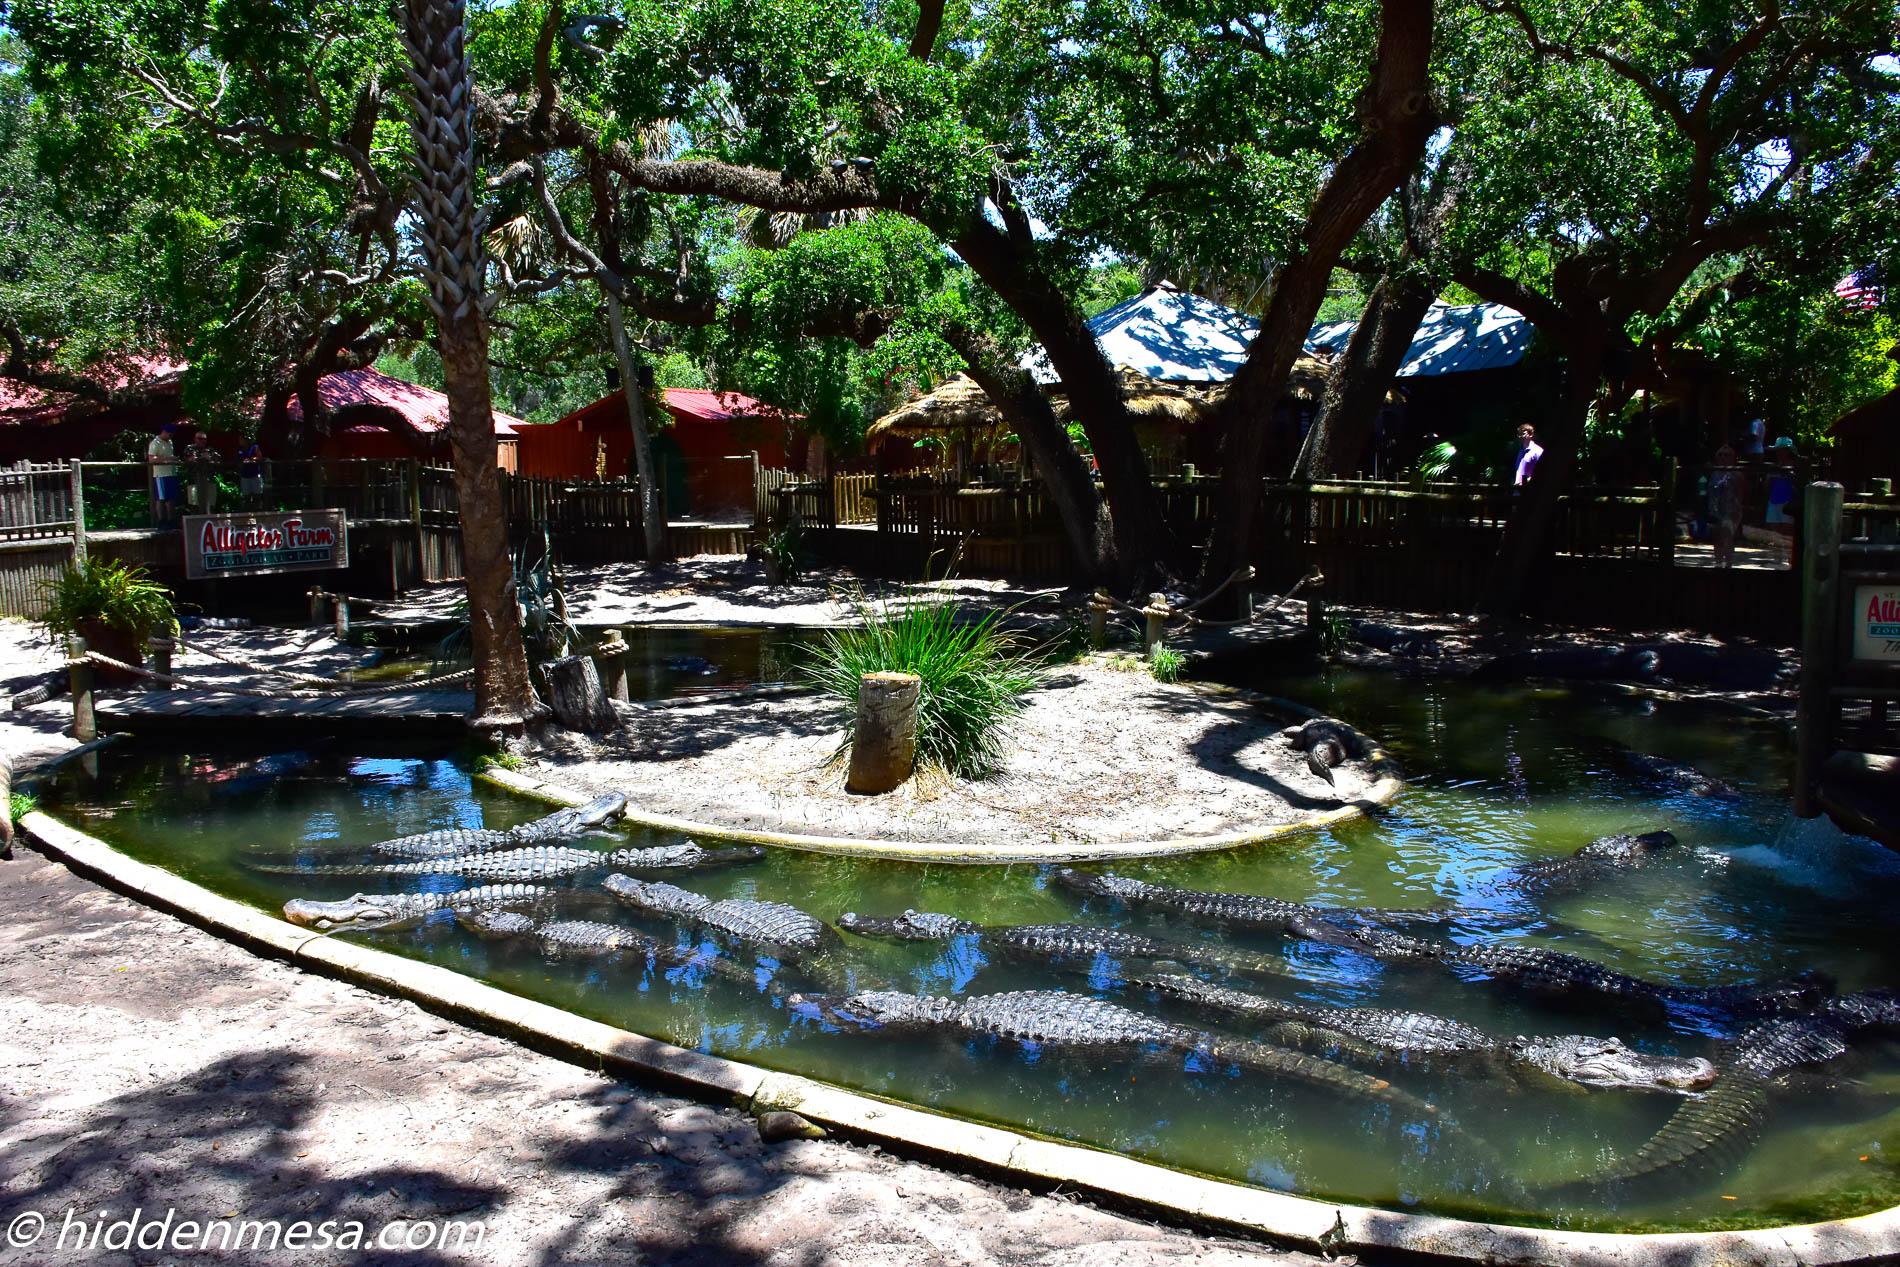 Alligator Lagoon